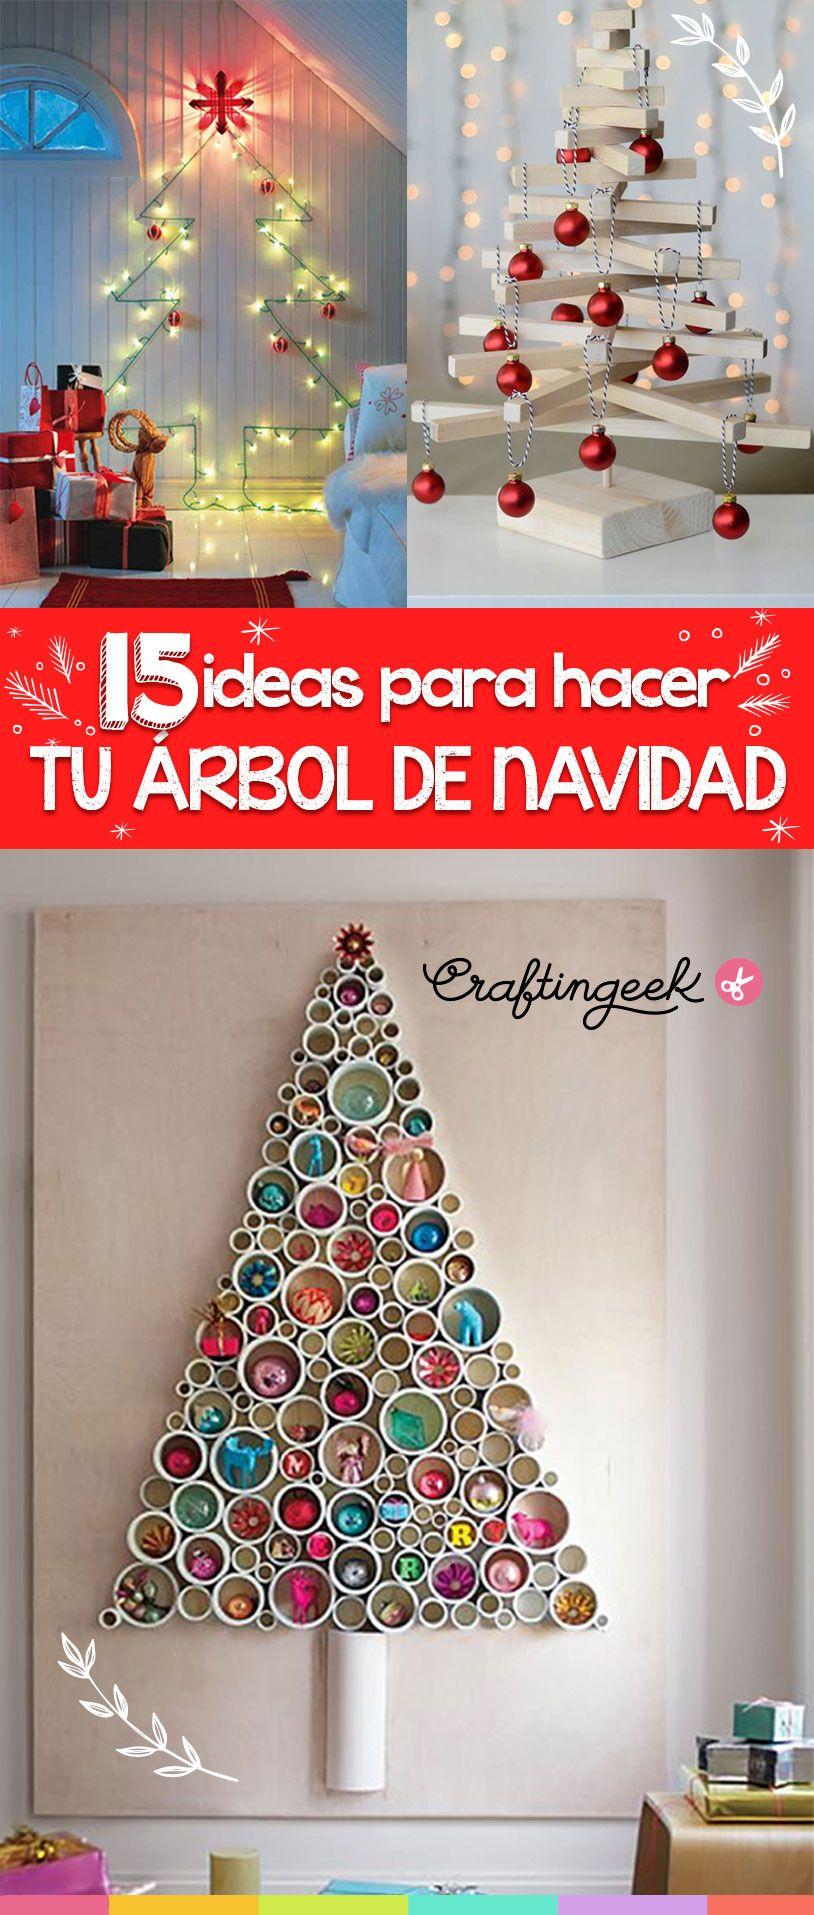 15 Ideas Para Hacer Tu Propio Arbol De Navidad Arbol De Navidad Original Hacer Arbol De Navidad Arbol De Navidad Manualidades